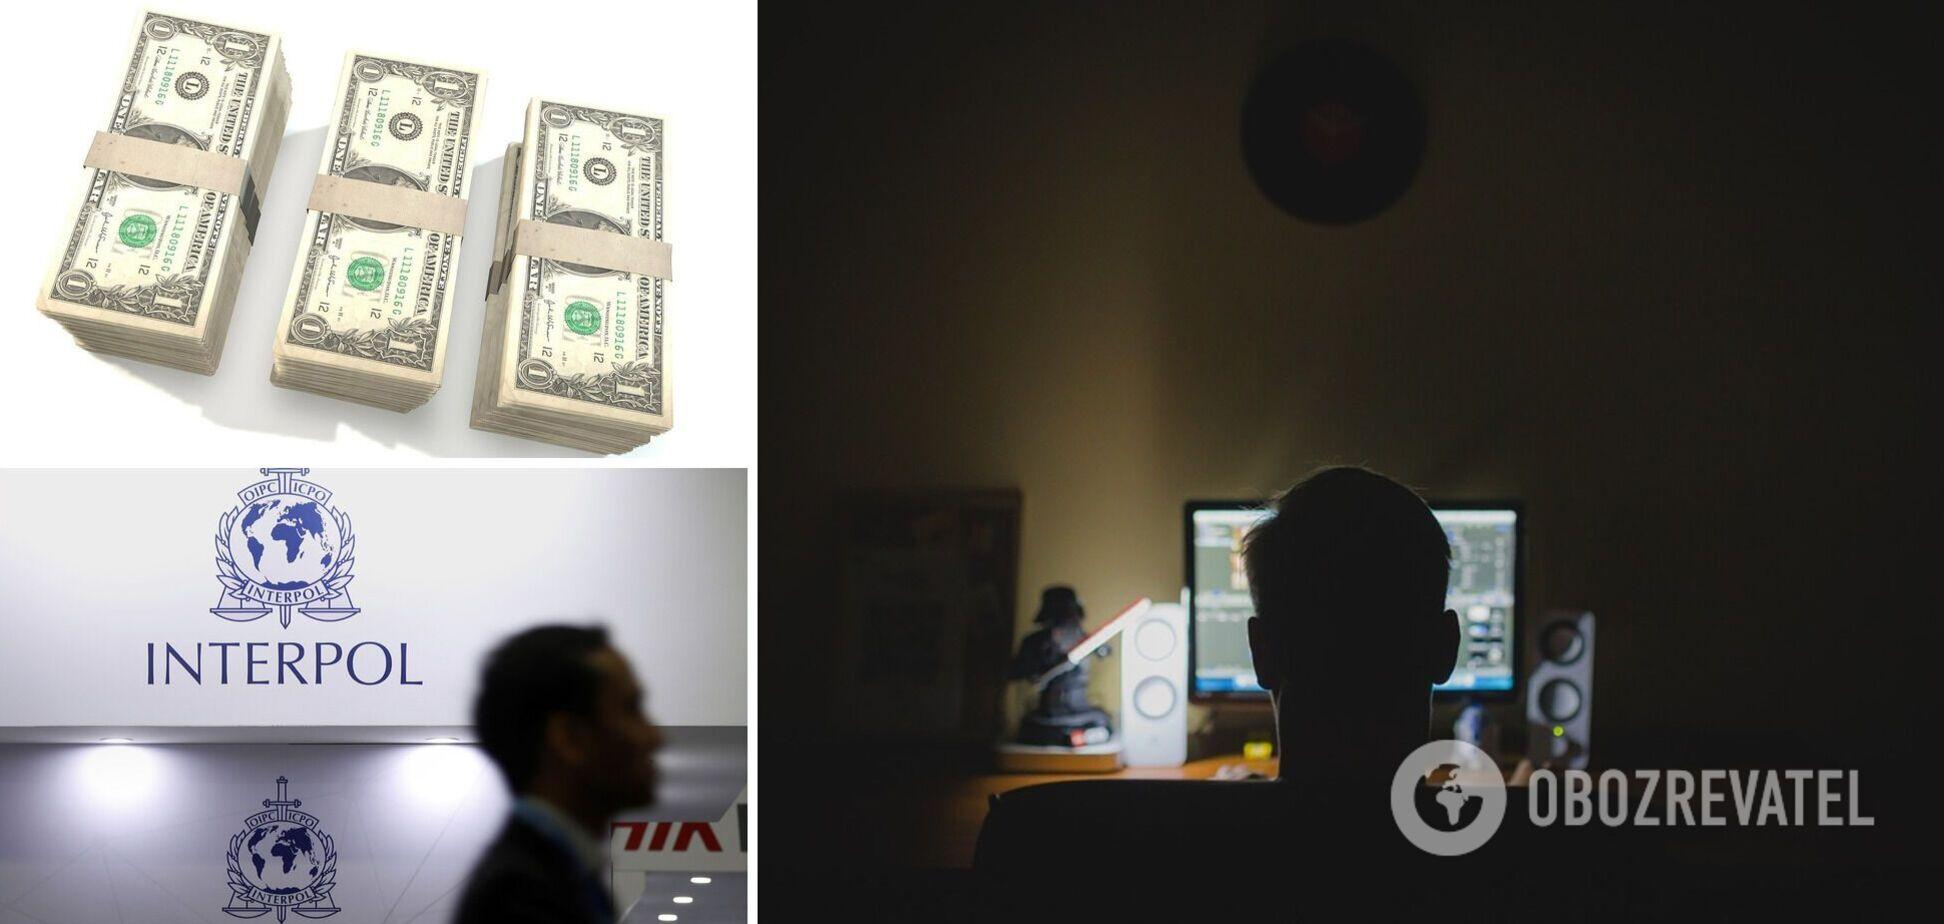 Хакер взломал более 100 иностранных компаний